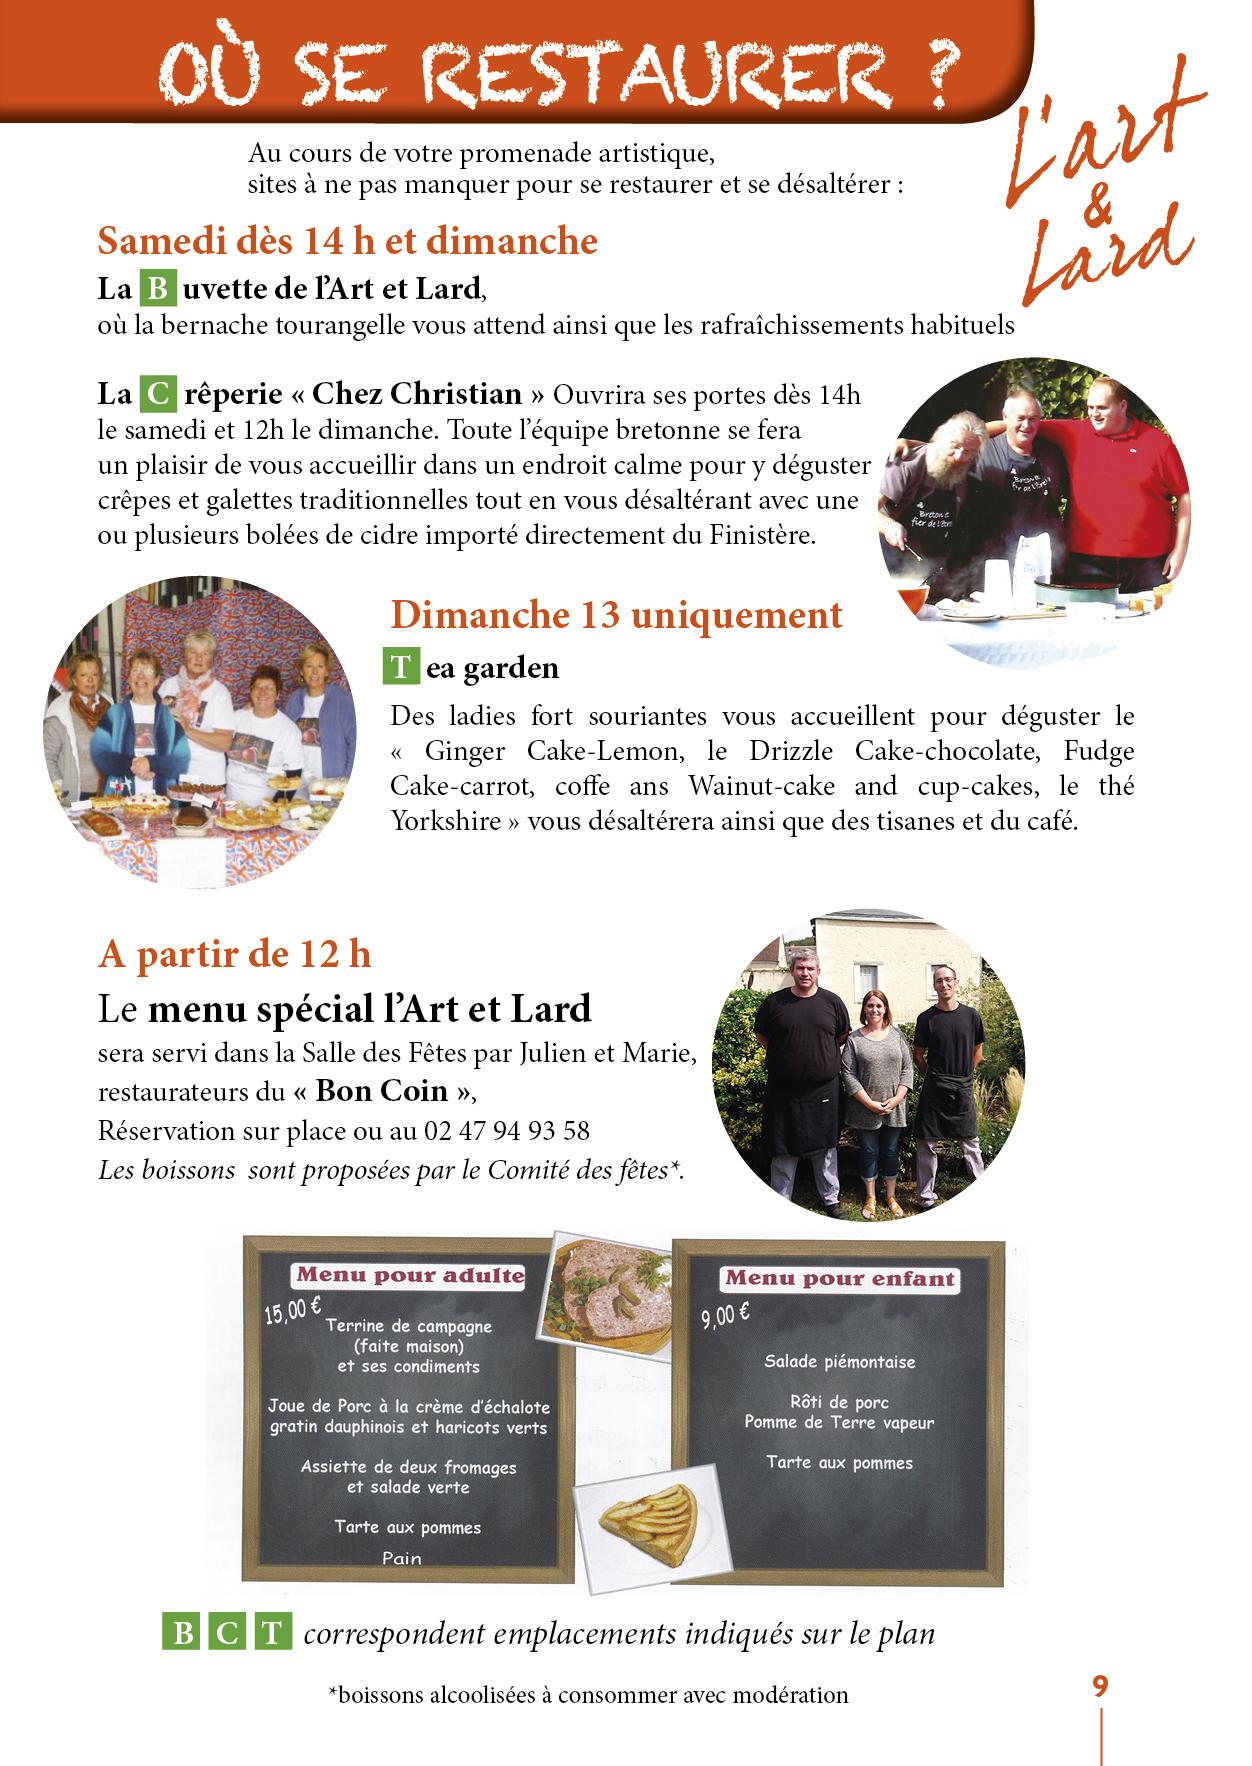 l-art-et-lard/16-pages-l-art-et-lard-2019-p9-copie.jpg